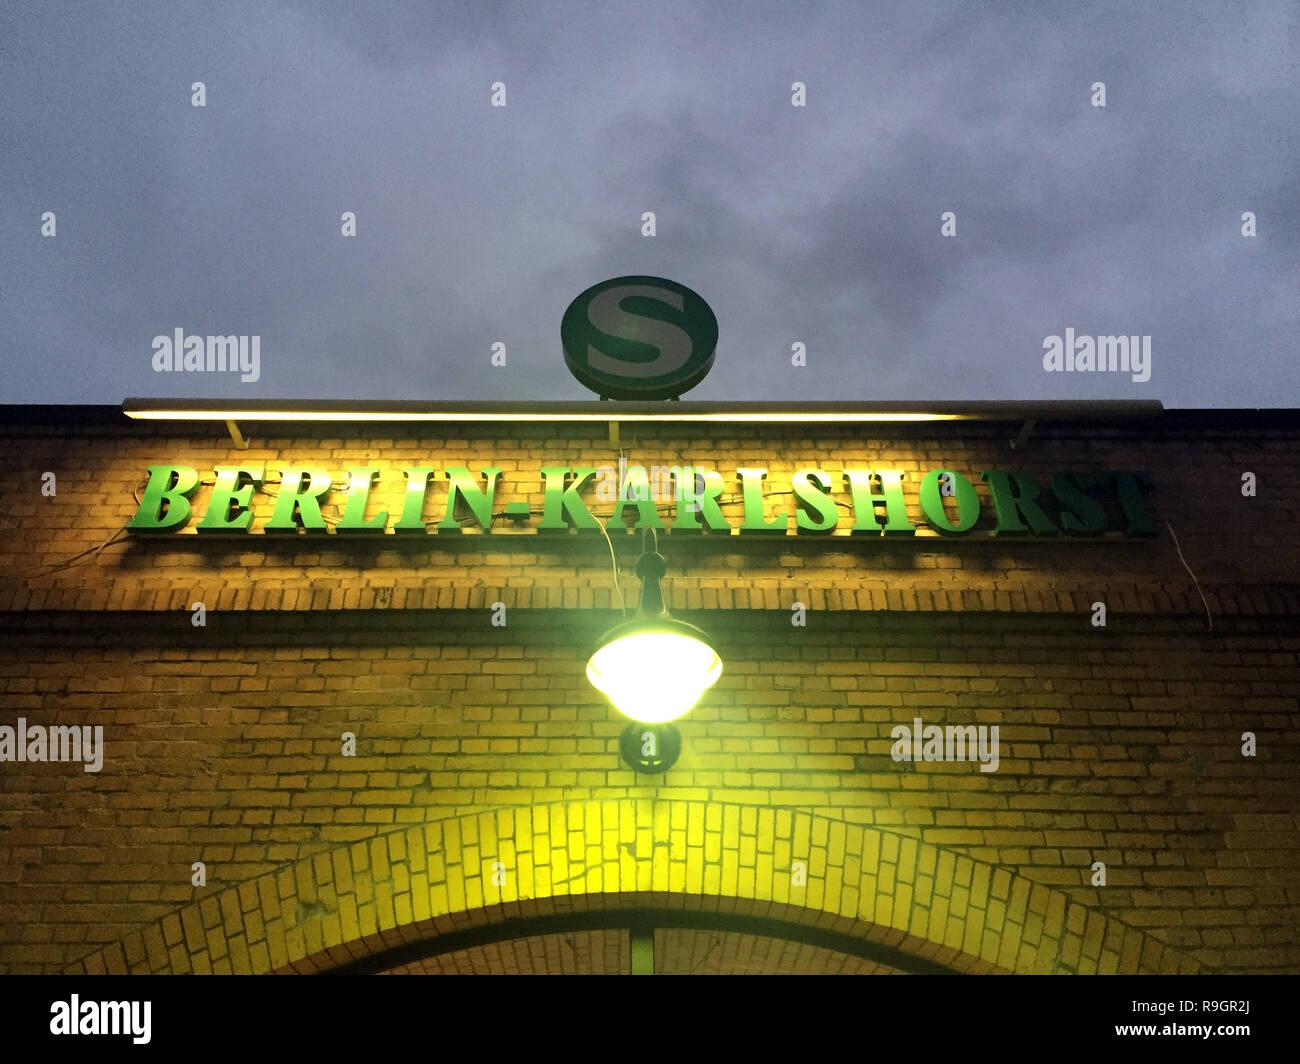 Weihnachtsmarkt Karlshorst.Berlin Deutschland 25 Dez 2018 Schild Am S Bahnhof Berlin